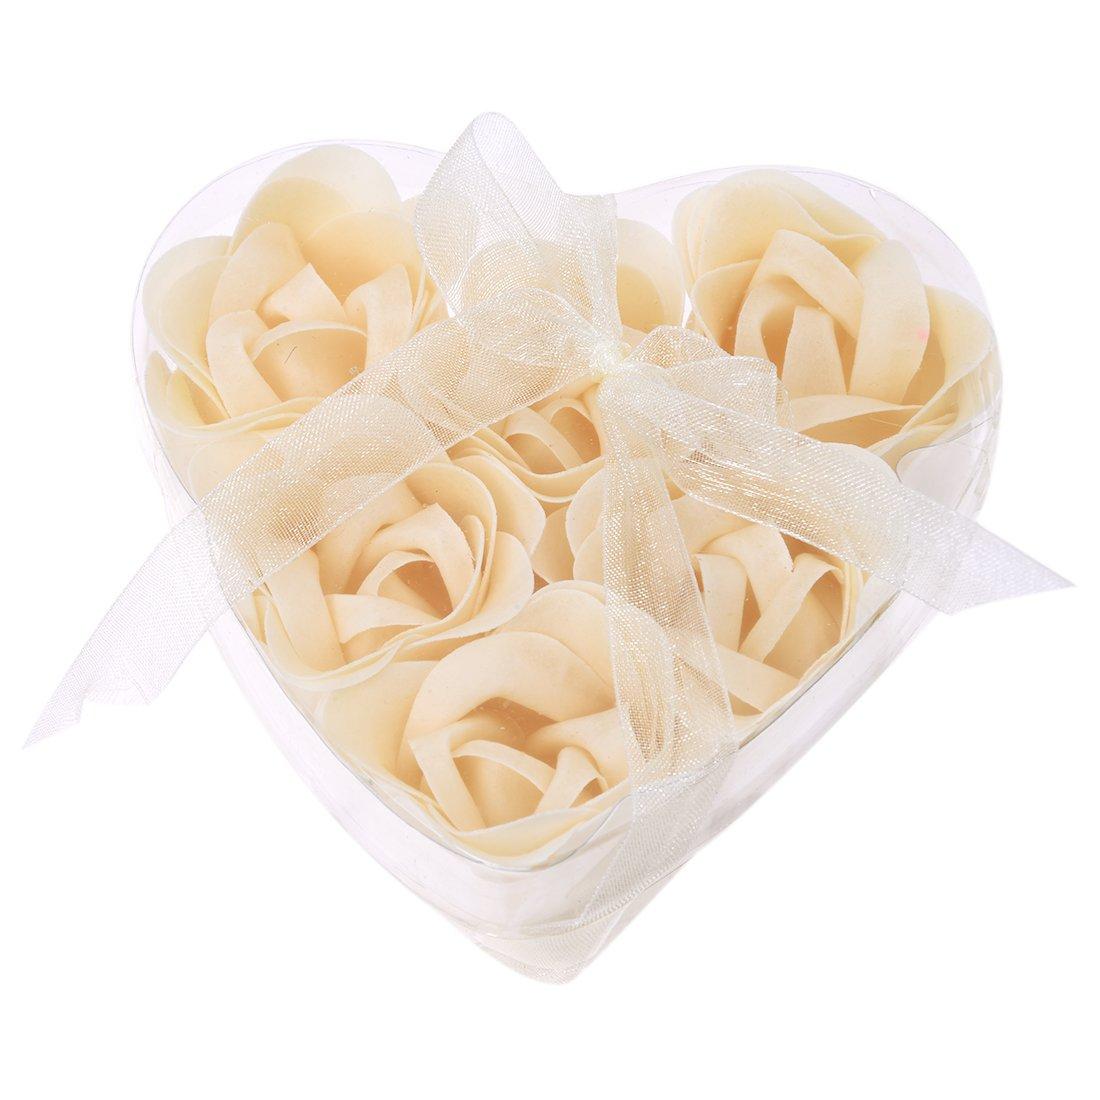 6 pz. Che fa il bagno Doccia Bianco Sporco Rosa, Fiore Sapone Da Bagno w di petali A Forma Di Cuore Scatola SODIAL(R) US-SA-AJD-02654